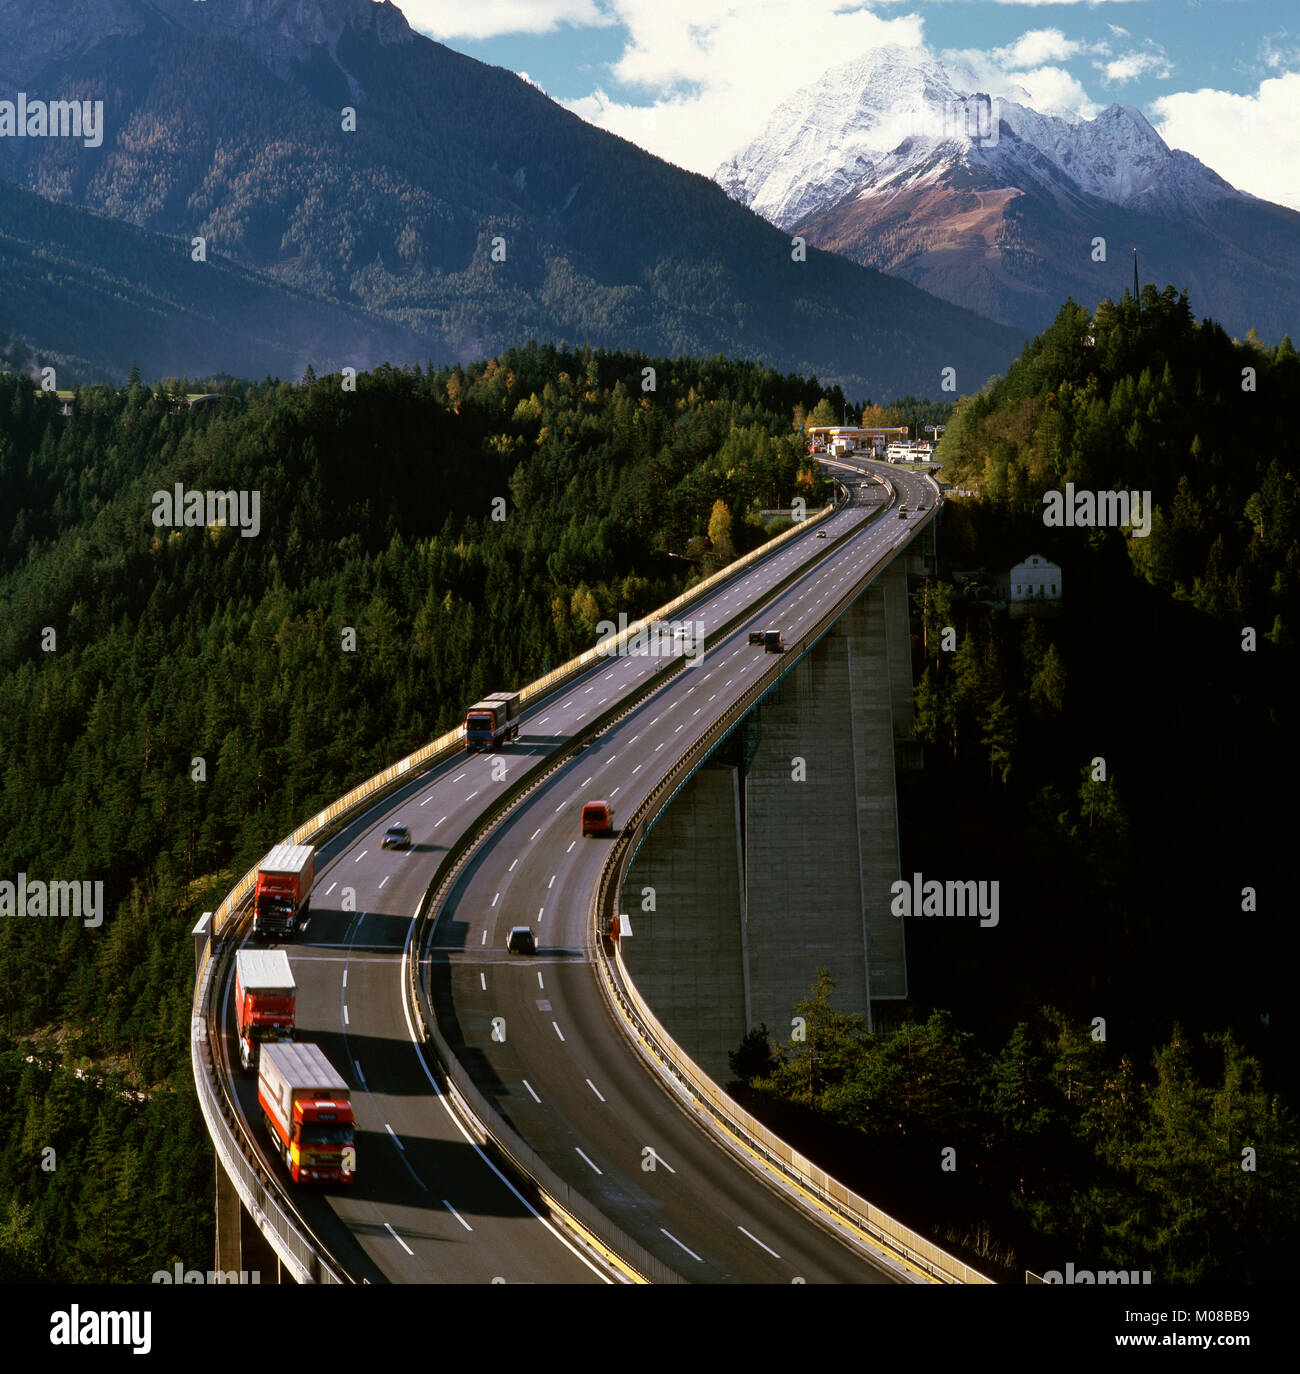 The Europa Bridge on the Brenner Pass near Innsbruck,Tirol, Austria - Stock Image